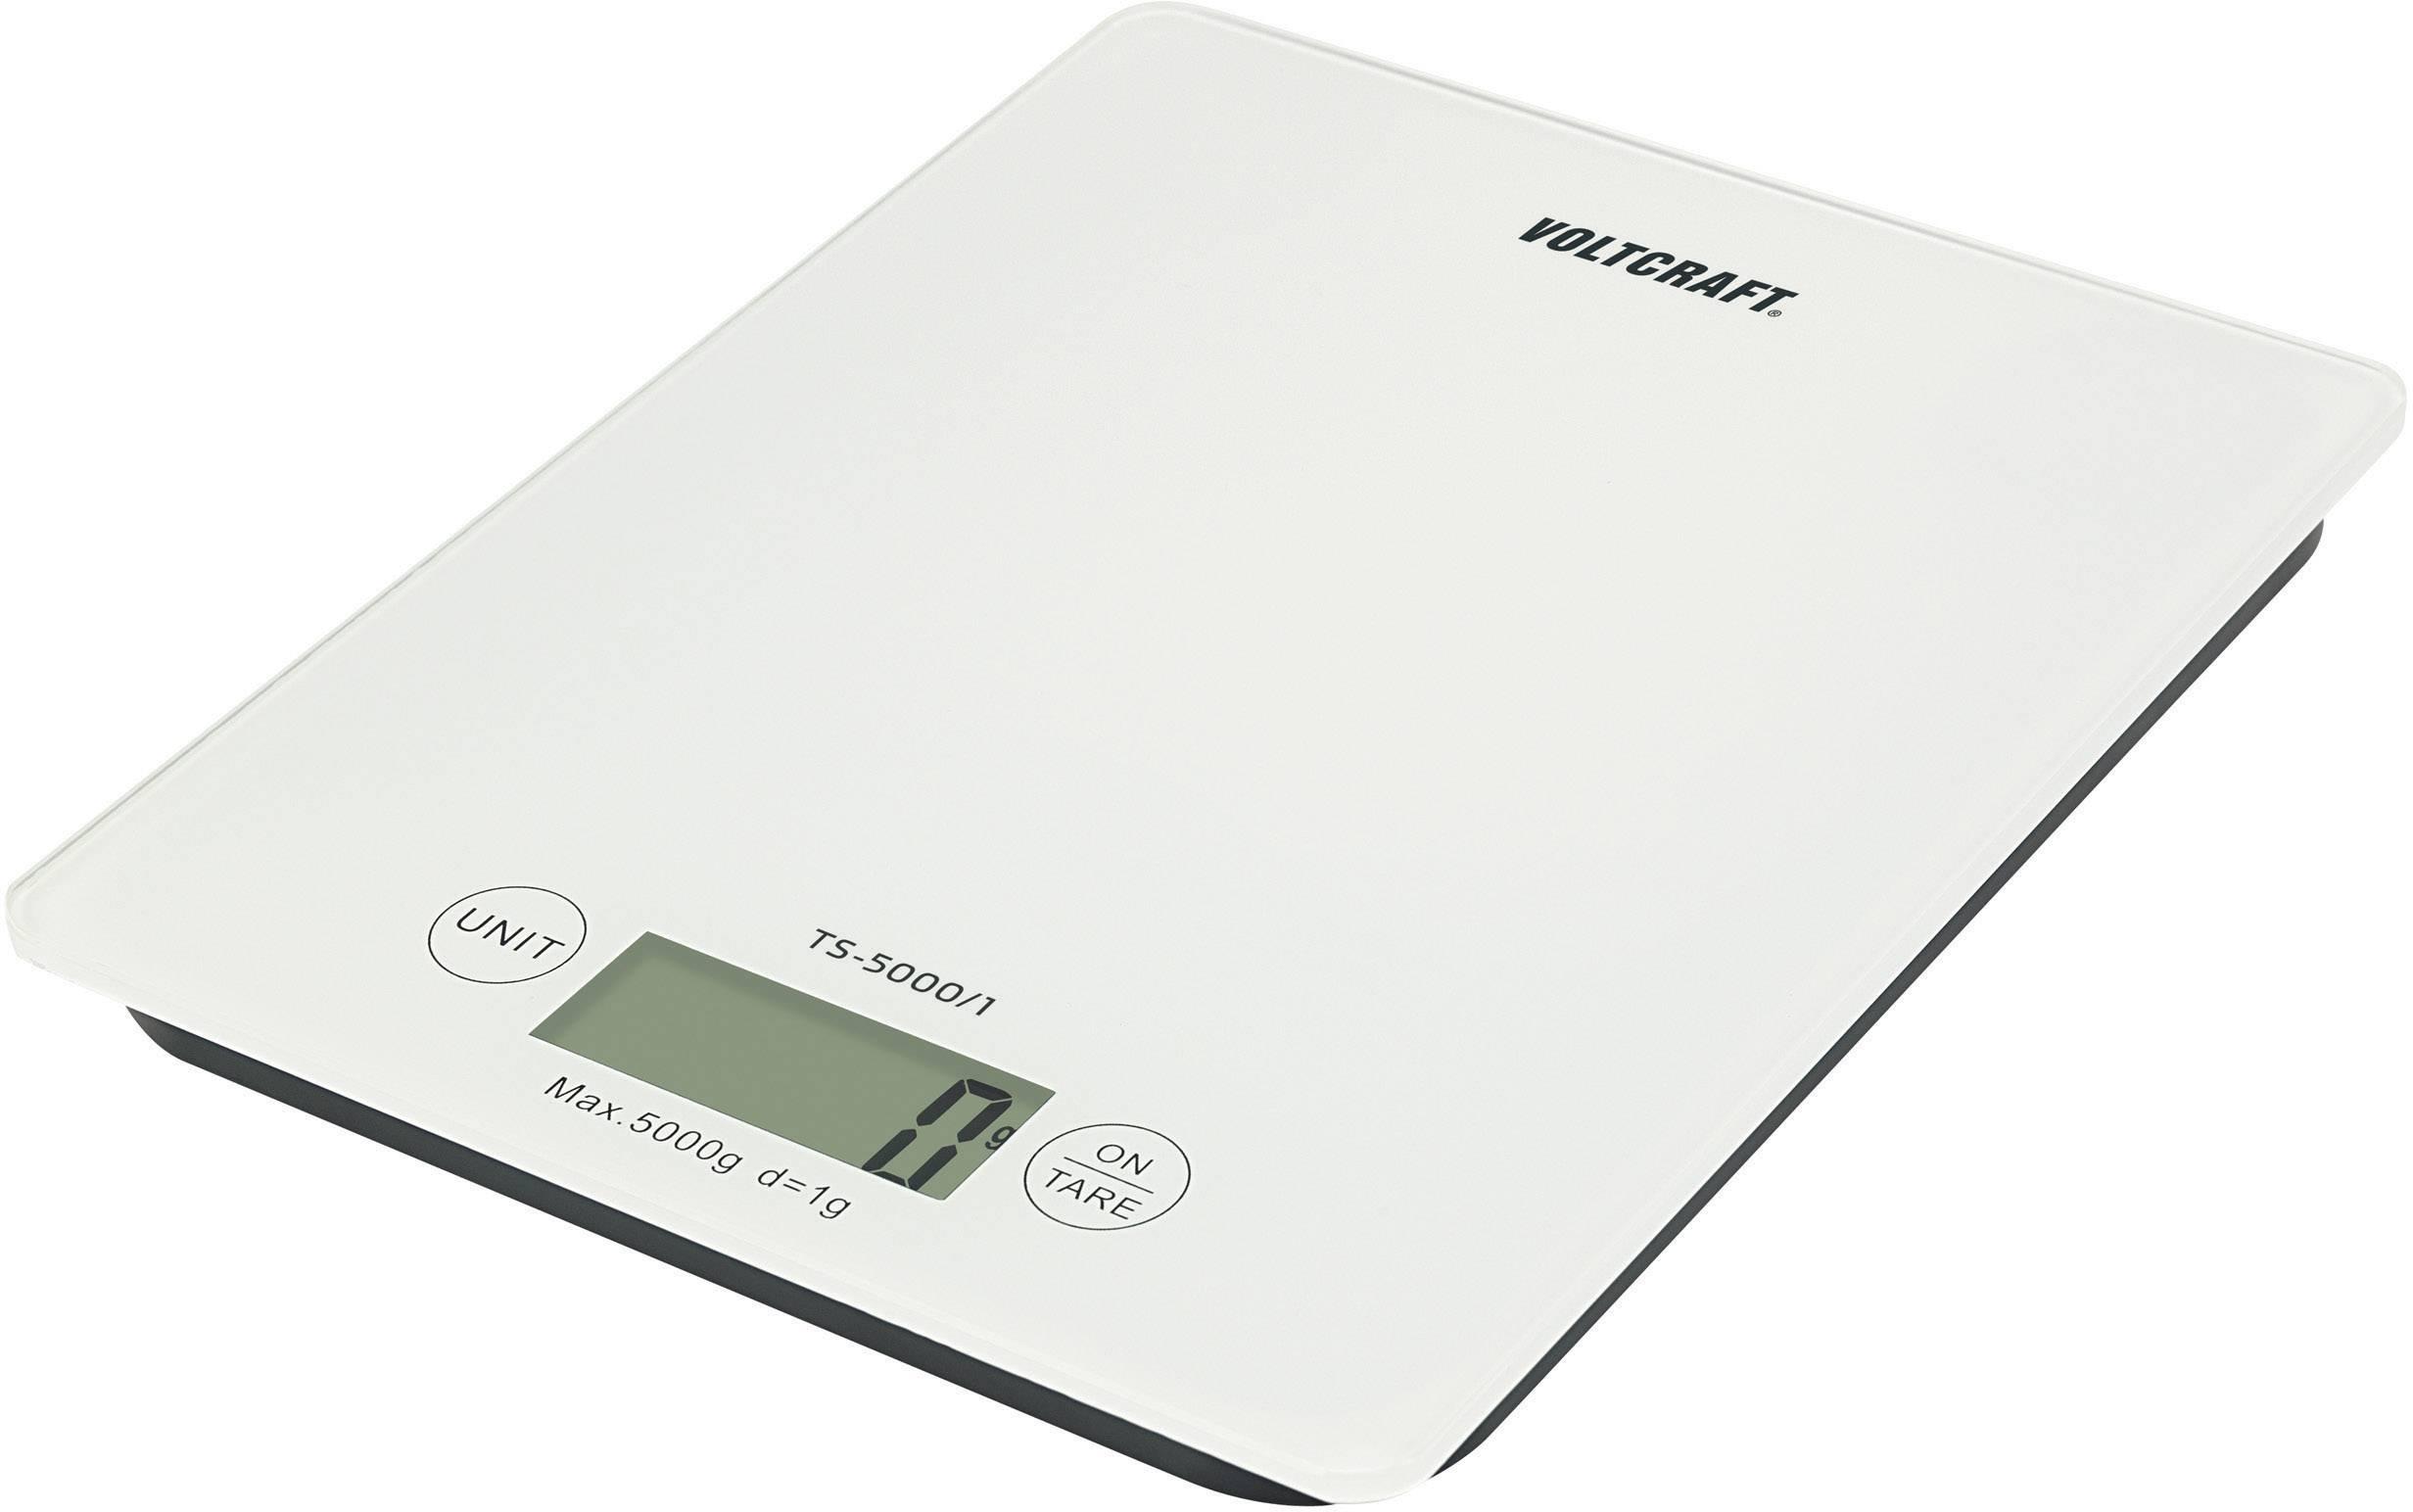 Váha na listy VOLTCRAFT TS-5000/1, presnosť 1 g, max. váživosť 5 kg